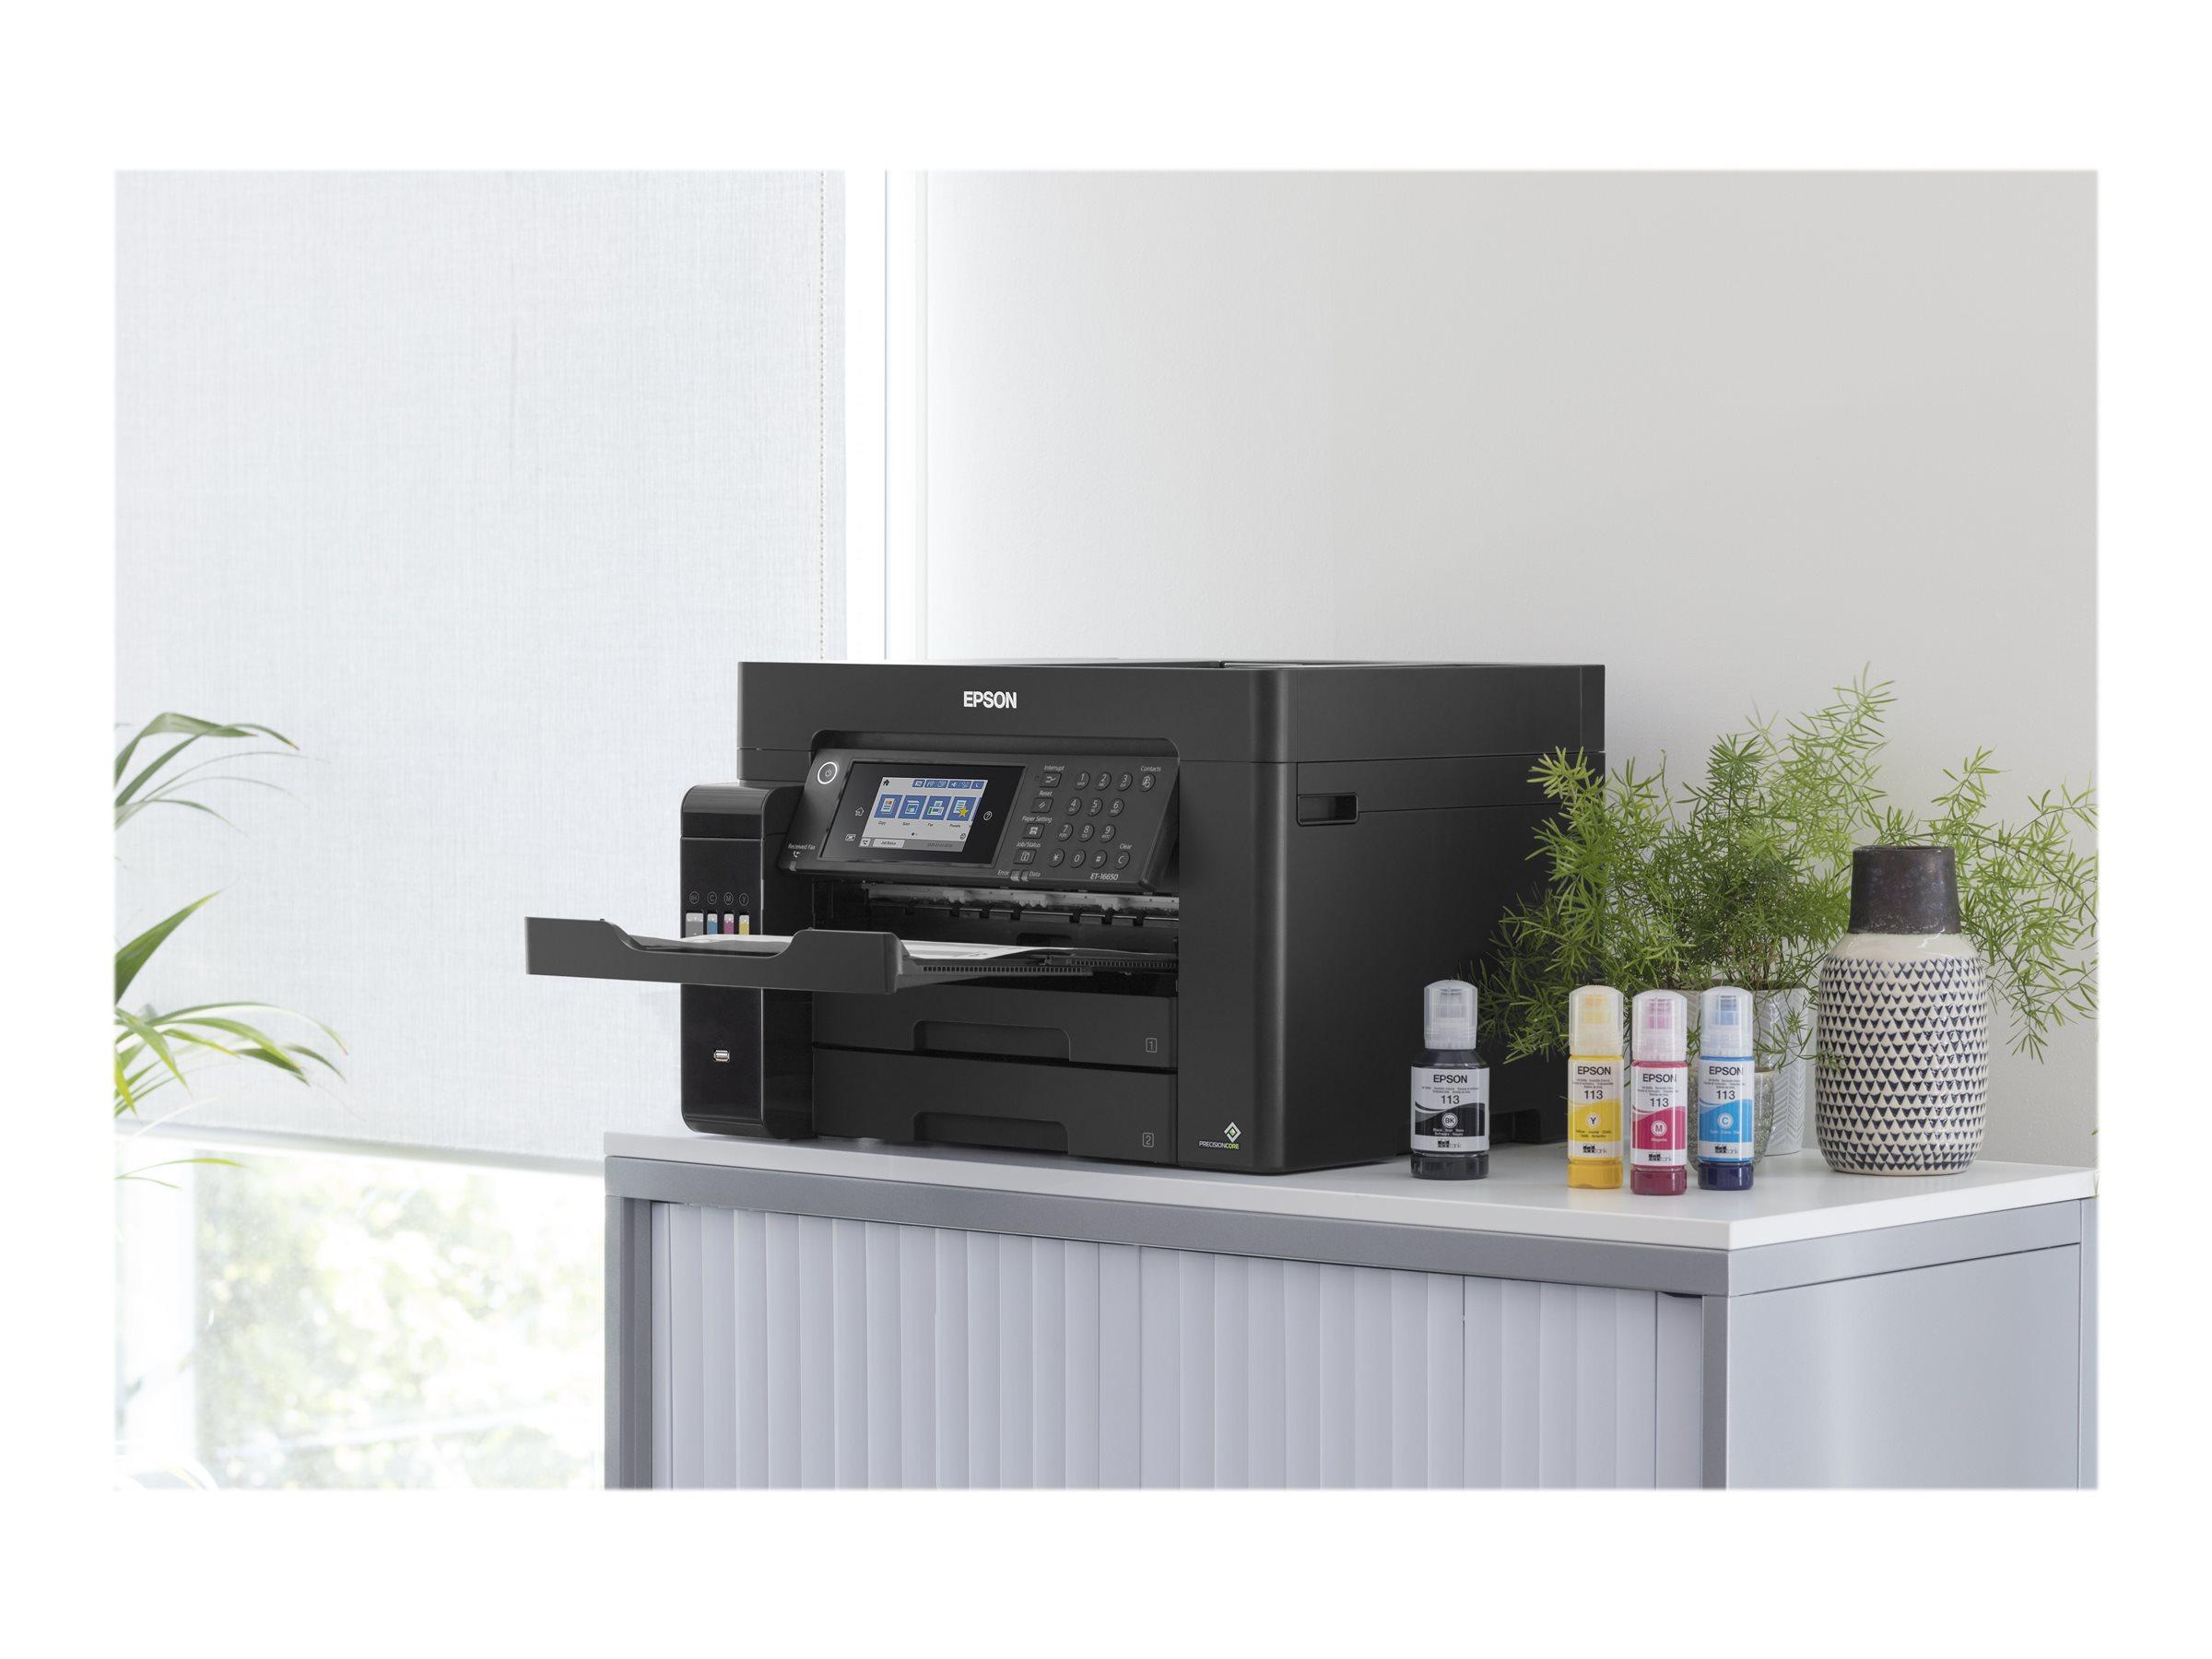 Epson EcoTank ET-16650 - Multifunktionsdrucker - Farbe - Tintenstrahl - A3 plus (311 x 457 mm) (Original) - A3 (Medien)